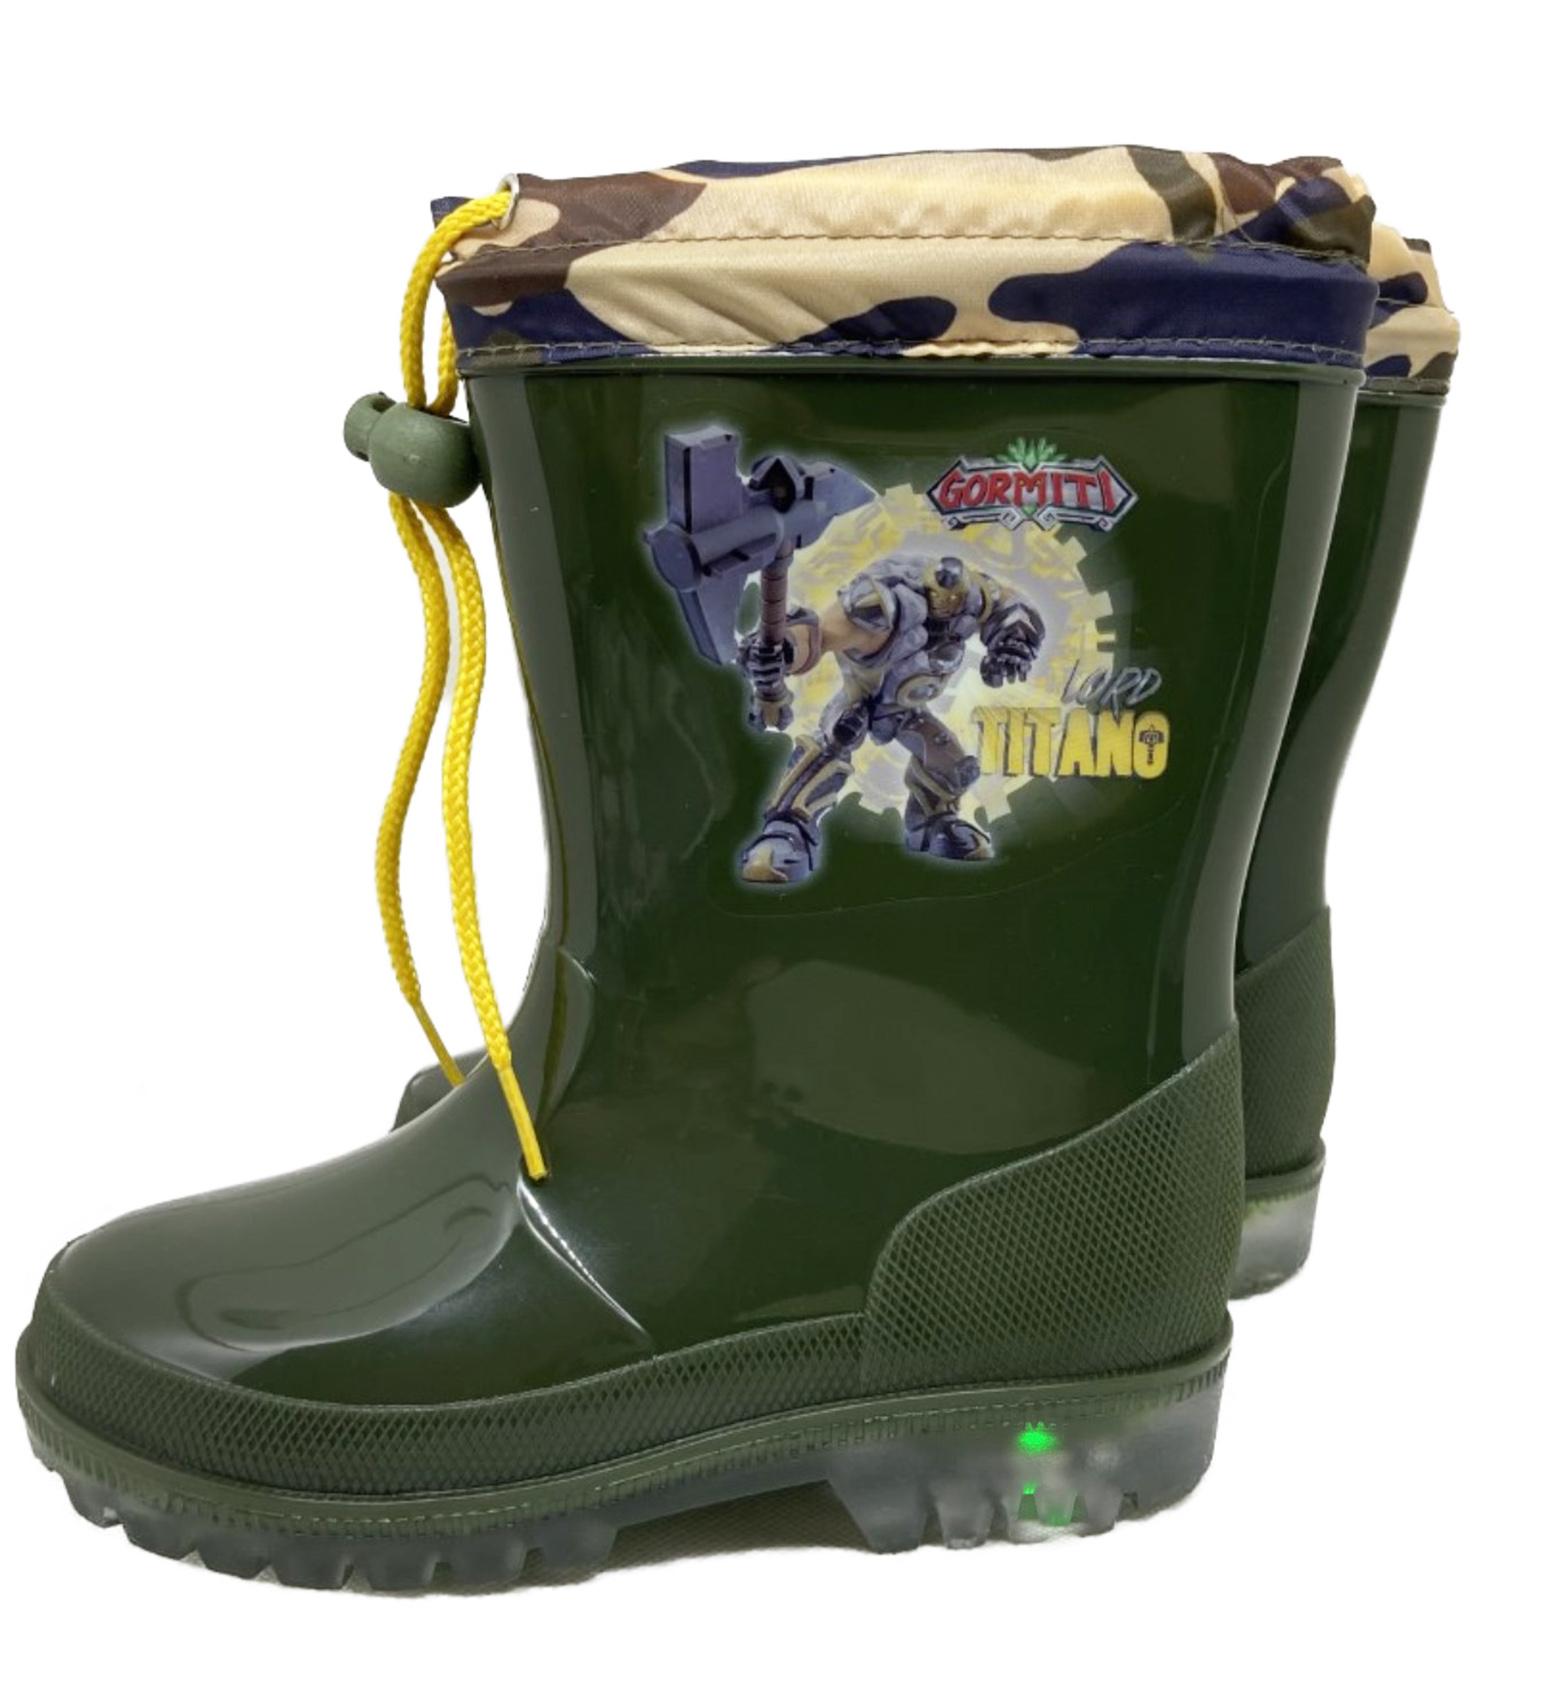 Stivali pioggia Gormiti con luci numero dal 25 al 32 colore verde mimetico